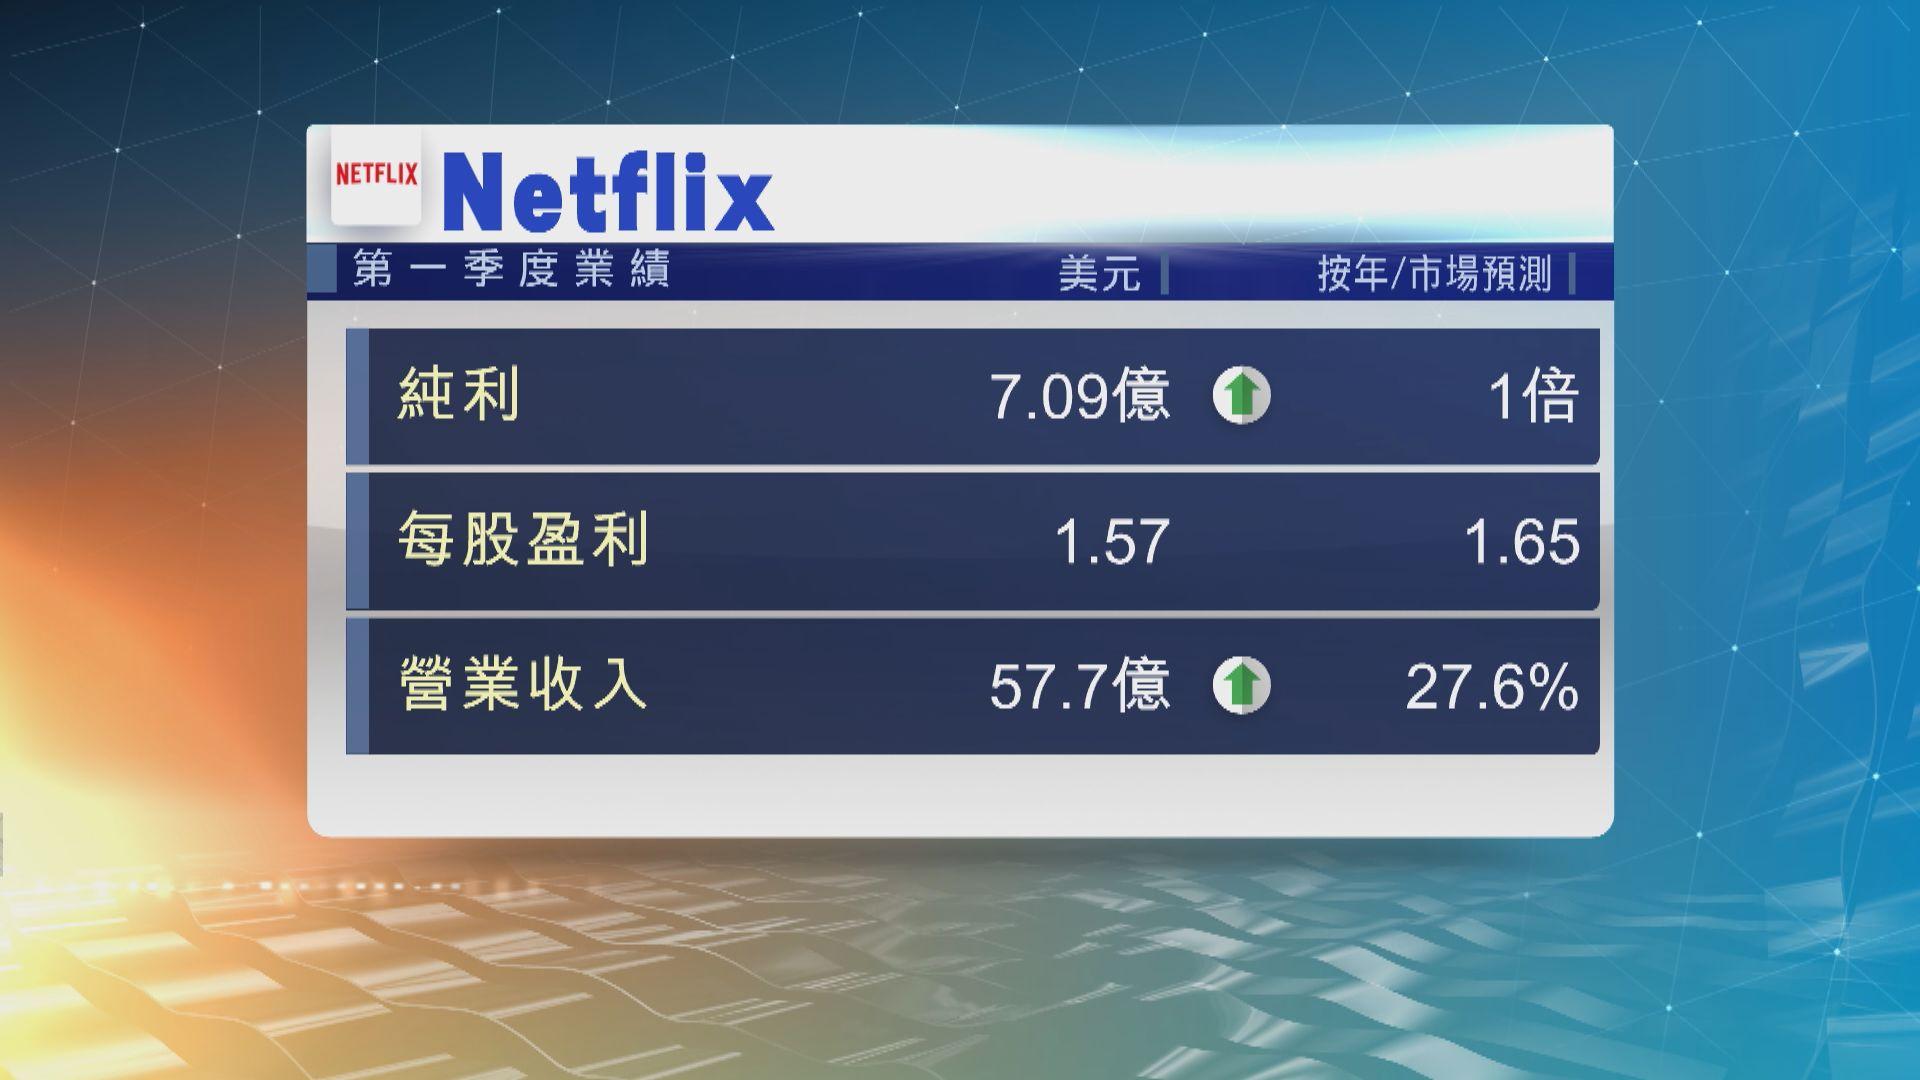 Netflix上季新增付費訂戶1580萬 較預期高